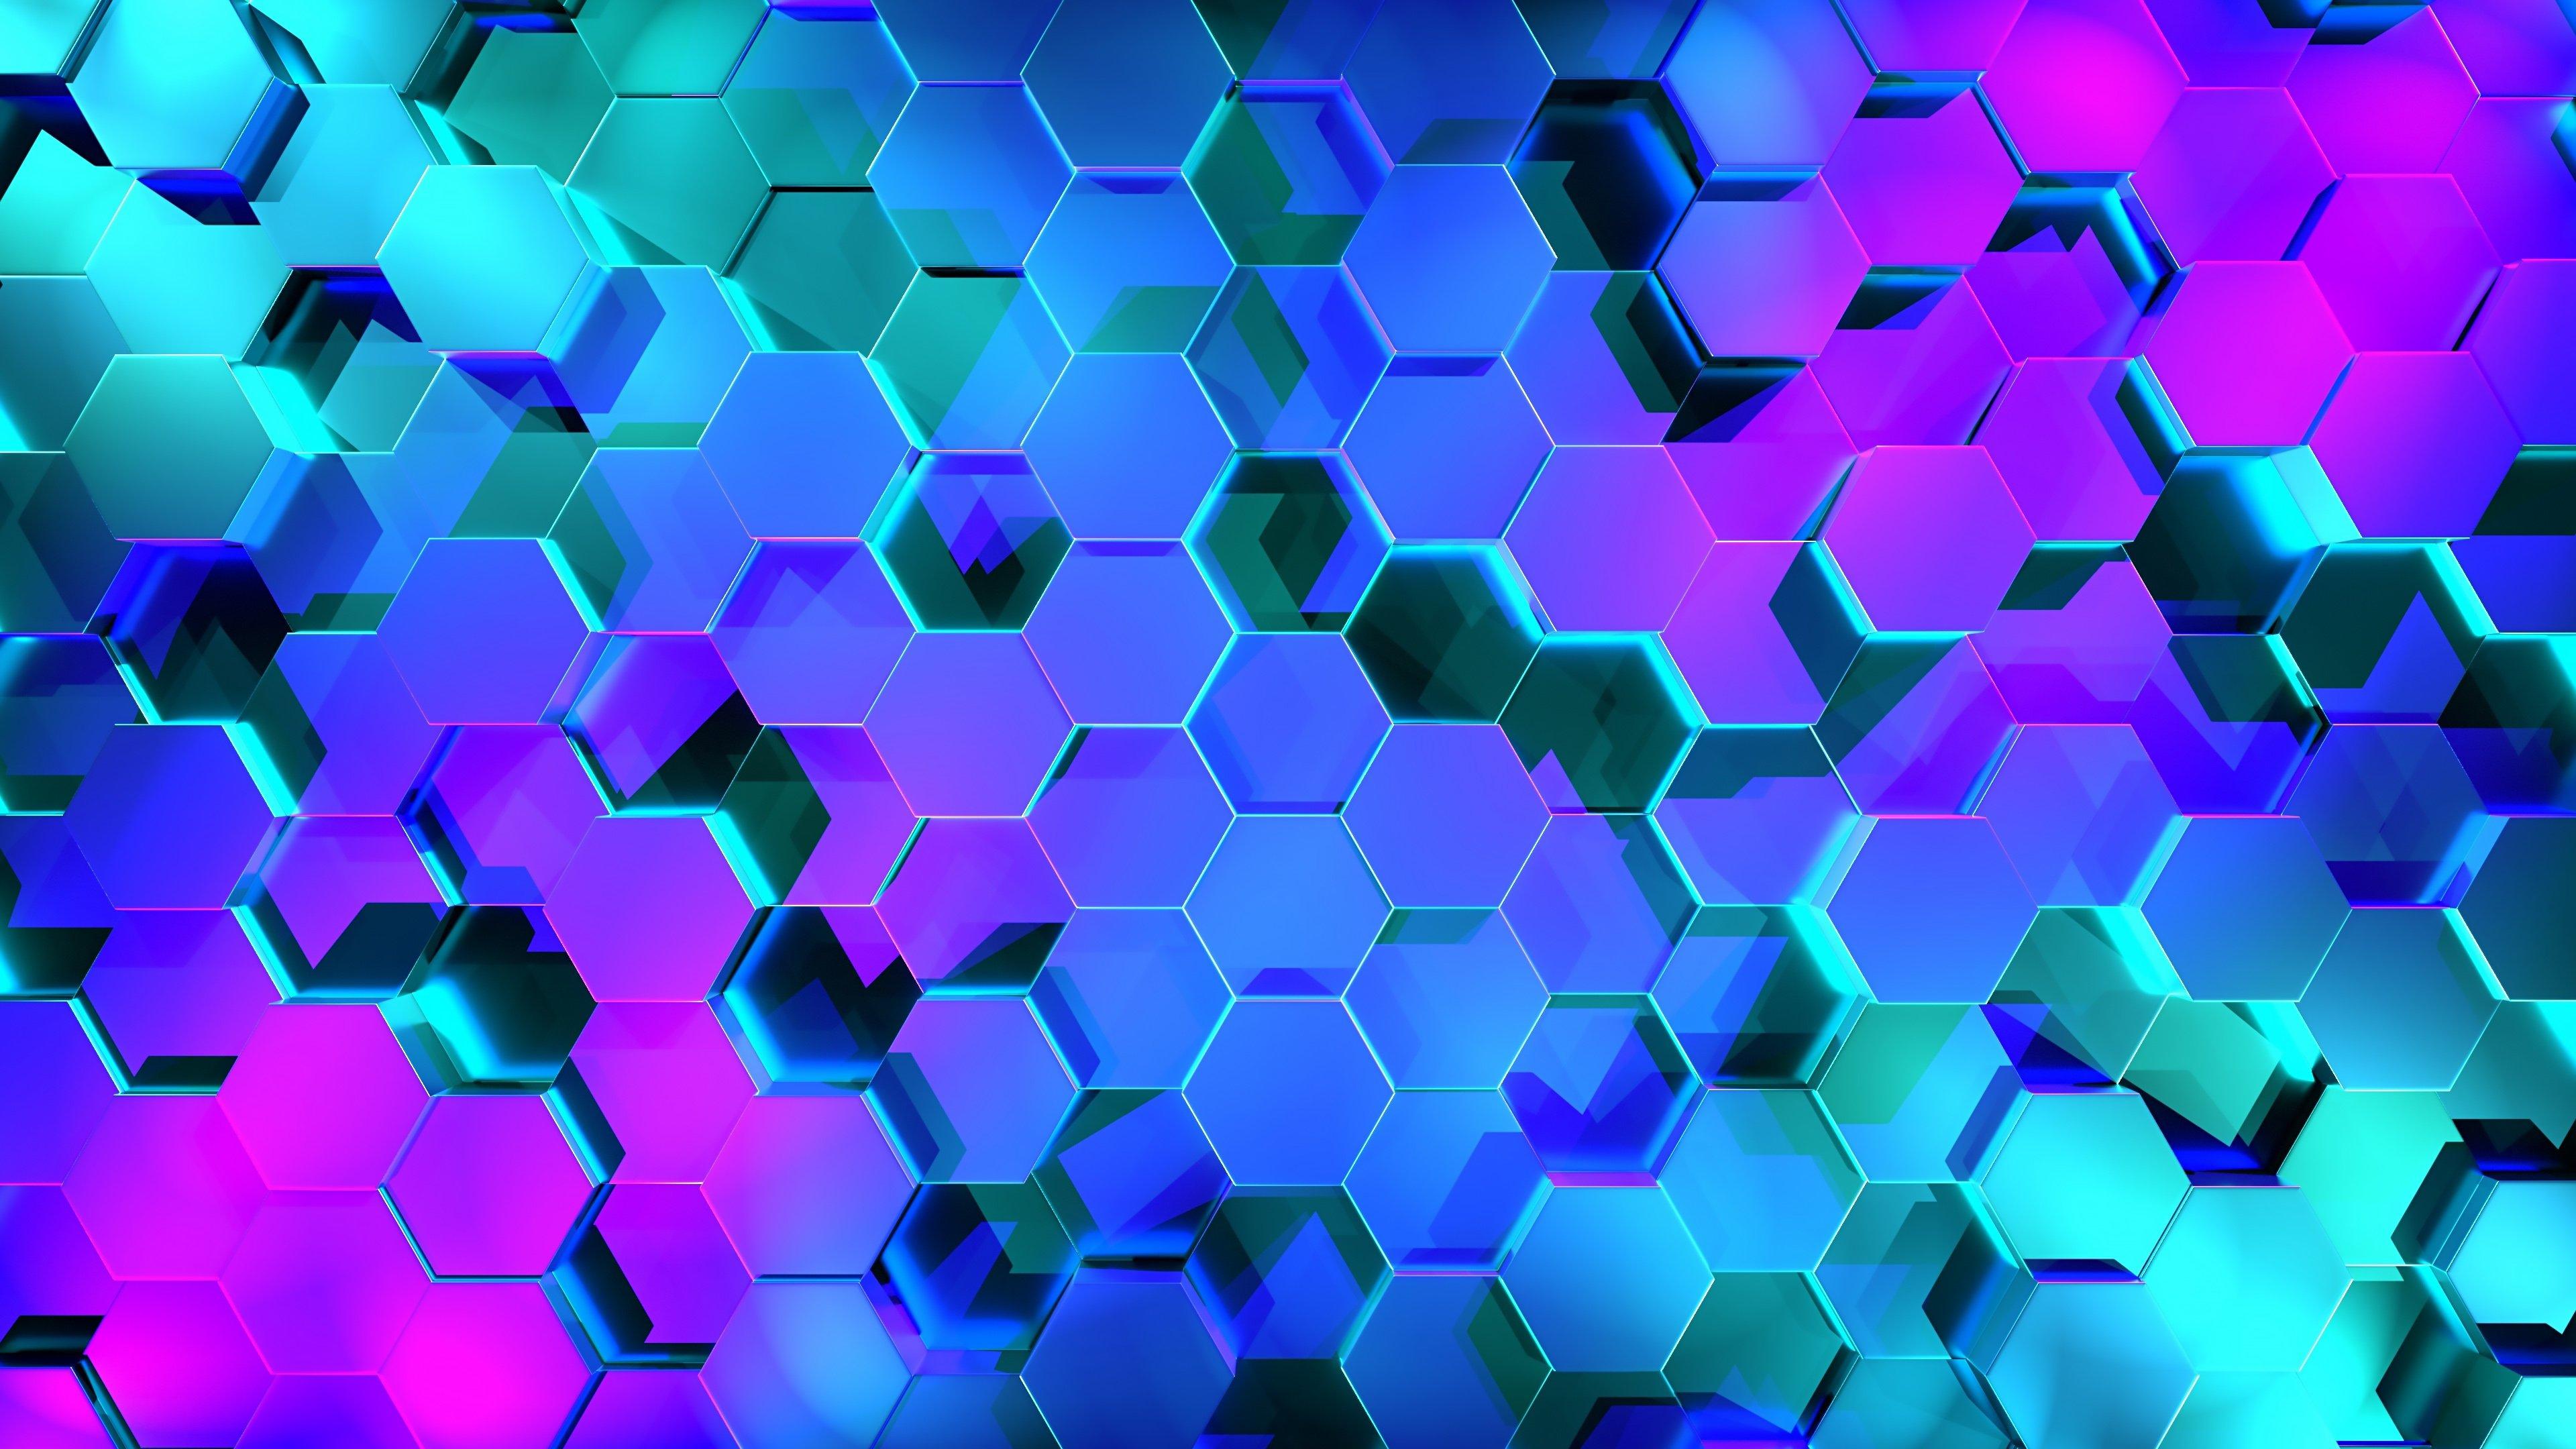 Fondos de pantalla Hexágonos 3D iluminación neón